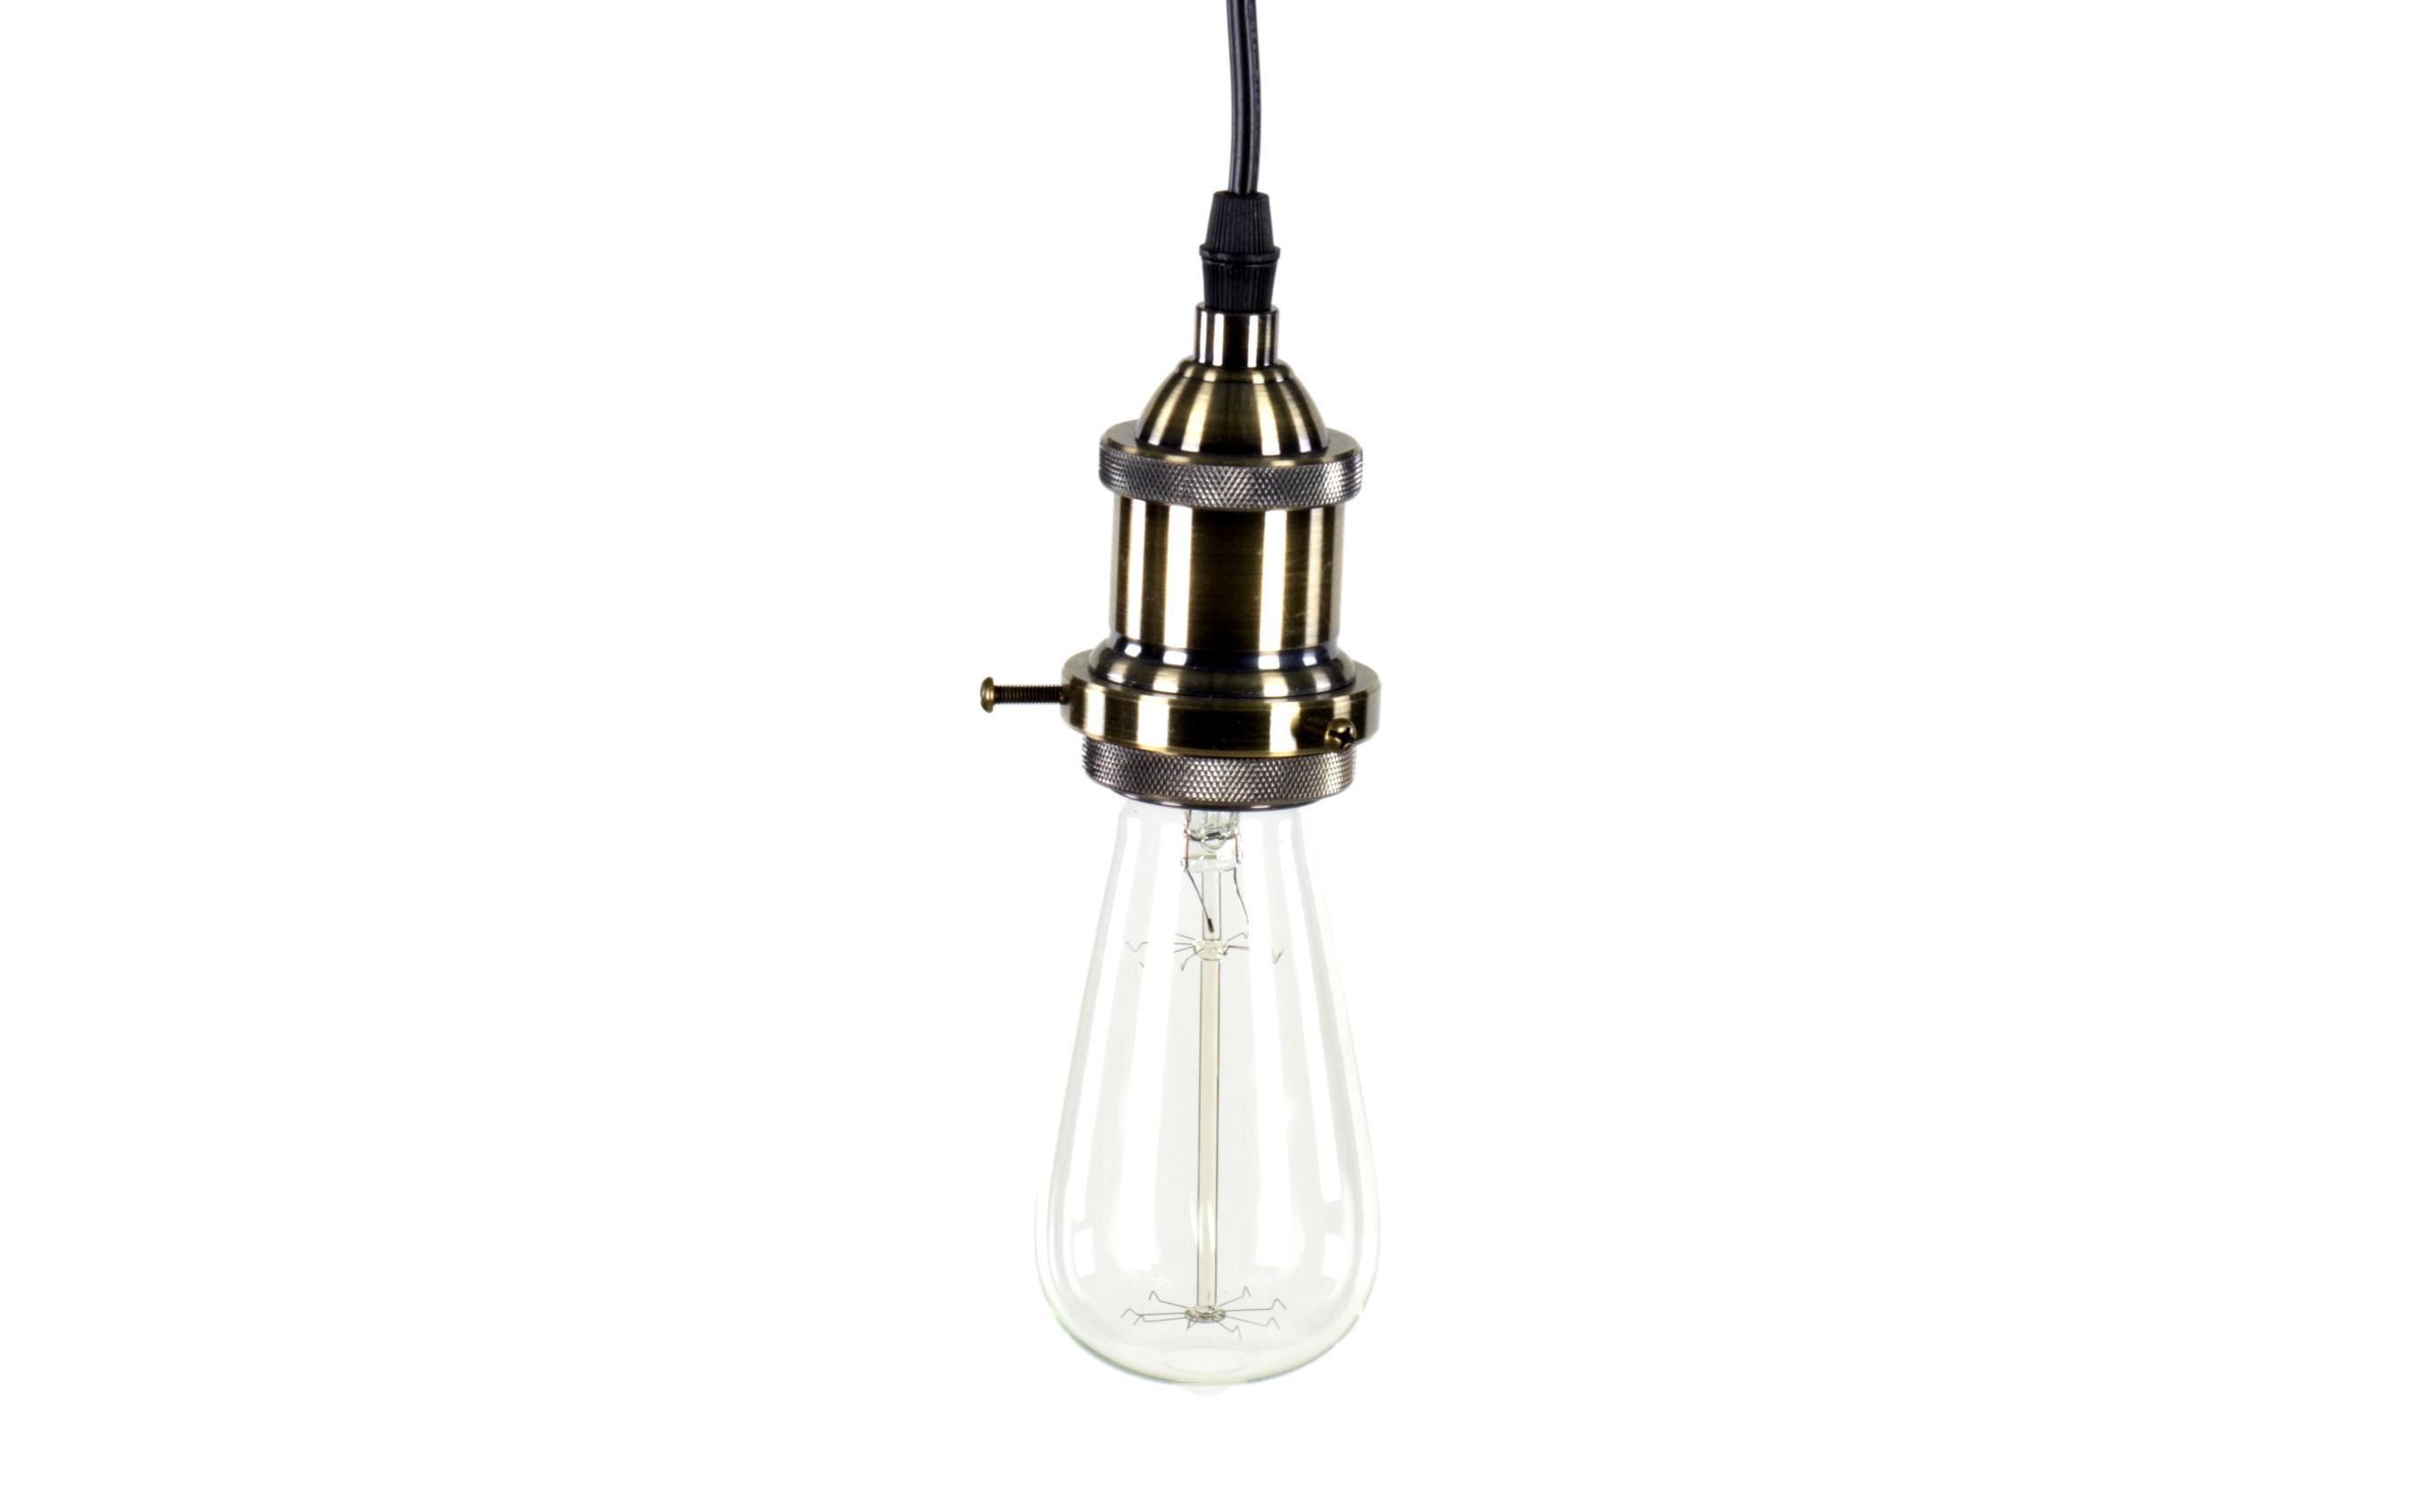 Светильник IndustrialПодвесные светильники<br>Светильник в стиле индастриал – то, что нужно в современном интерьере в духе хай-тек, поп-арт или ар-деко. Изготовлен из металла, окрашенного в серый цвет, снабжен цоколем типа Е27 для лампы мощностью 60 Вт. Лампа Эдиссона в комплект не входит.<br><br>Material: Металл<br>Height см: 150<br>Diameter см: 8